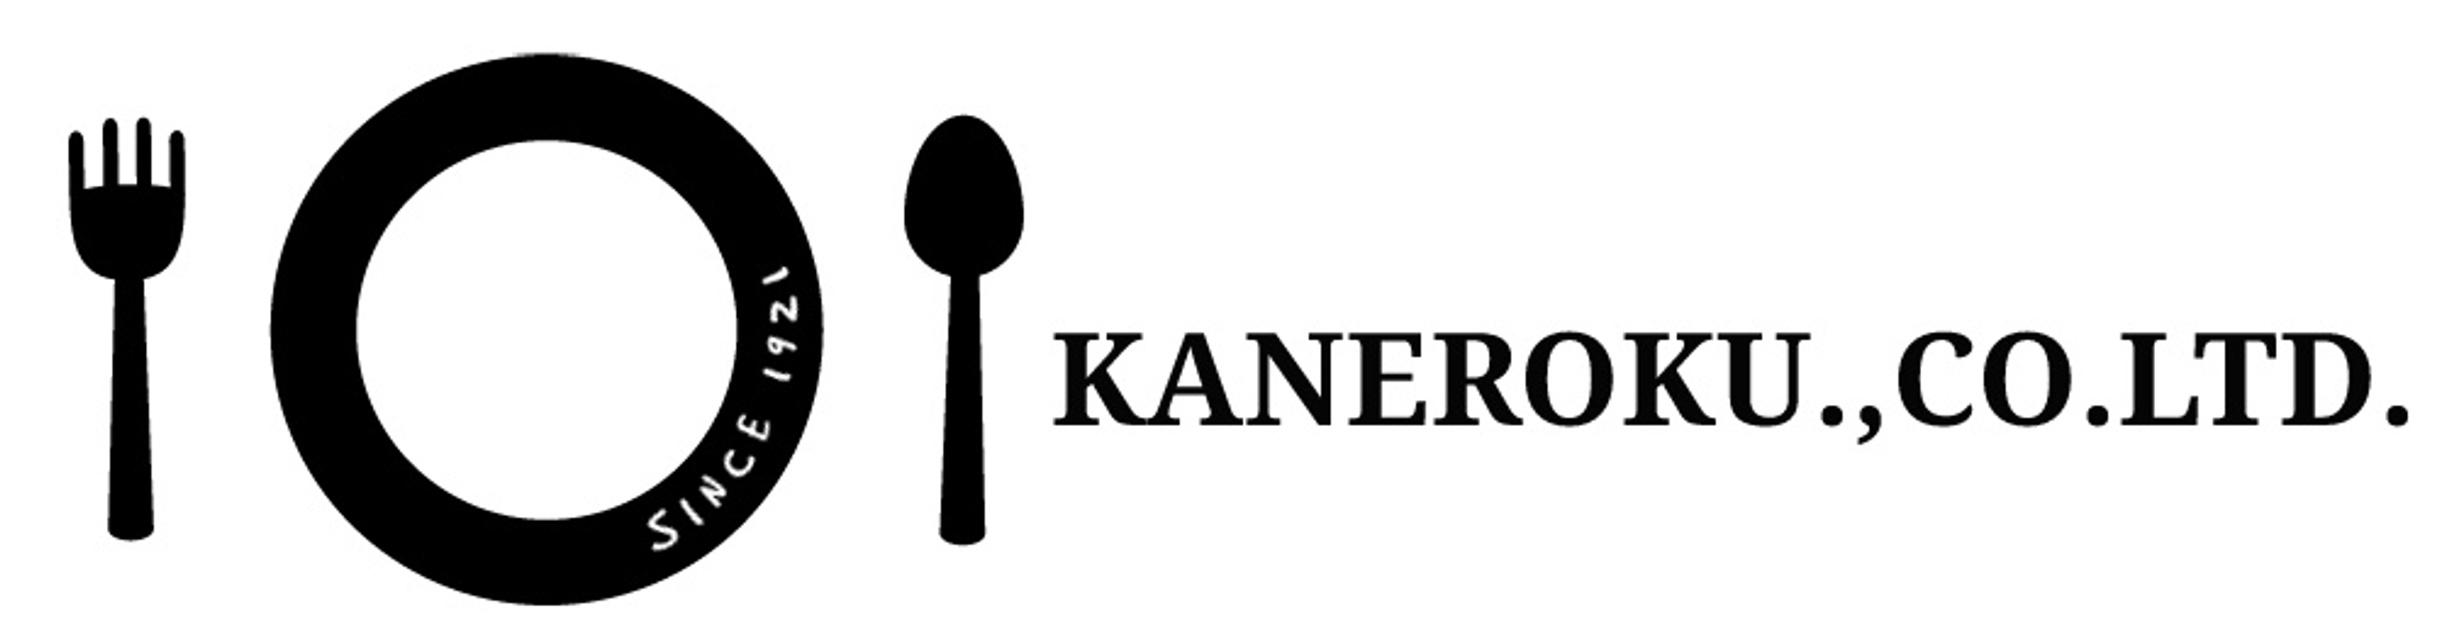 業務用食器 株式会社 カネ六  Business tableware  KANEROKU CO.,LTD.